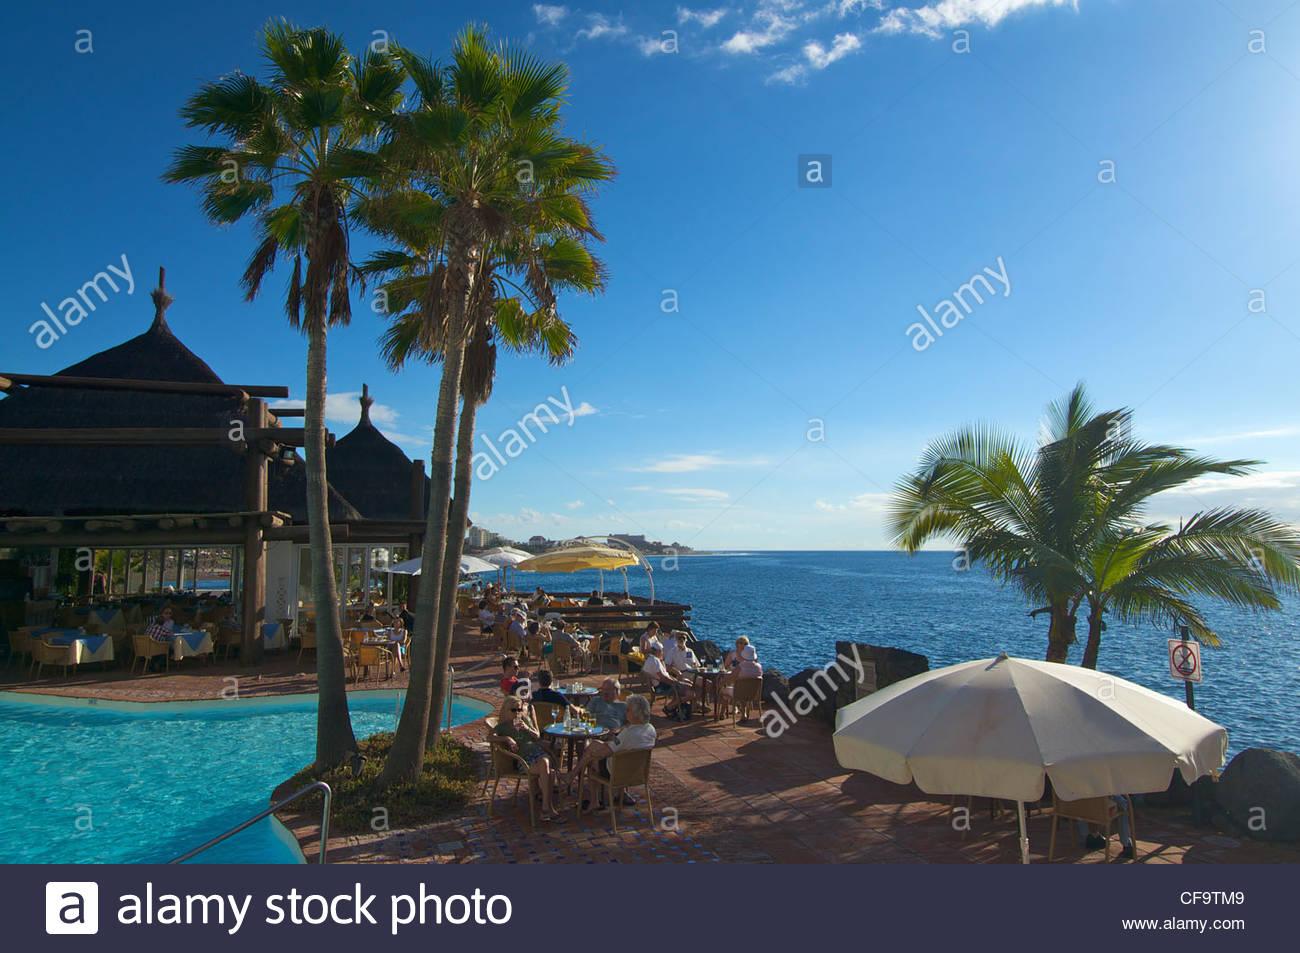 Las rocas beach club playa de las americas tenerife canary for Las rocas tenerife